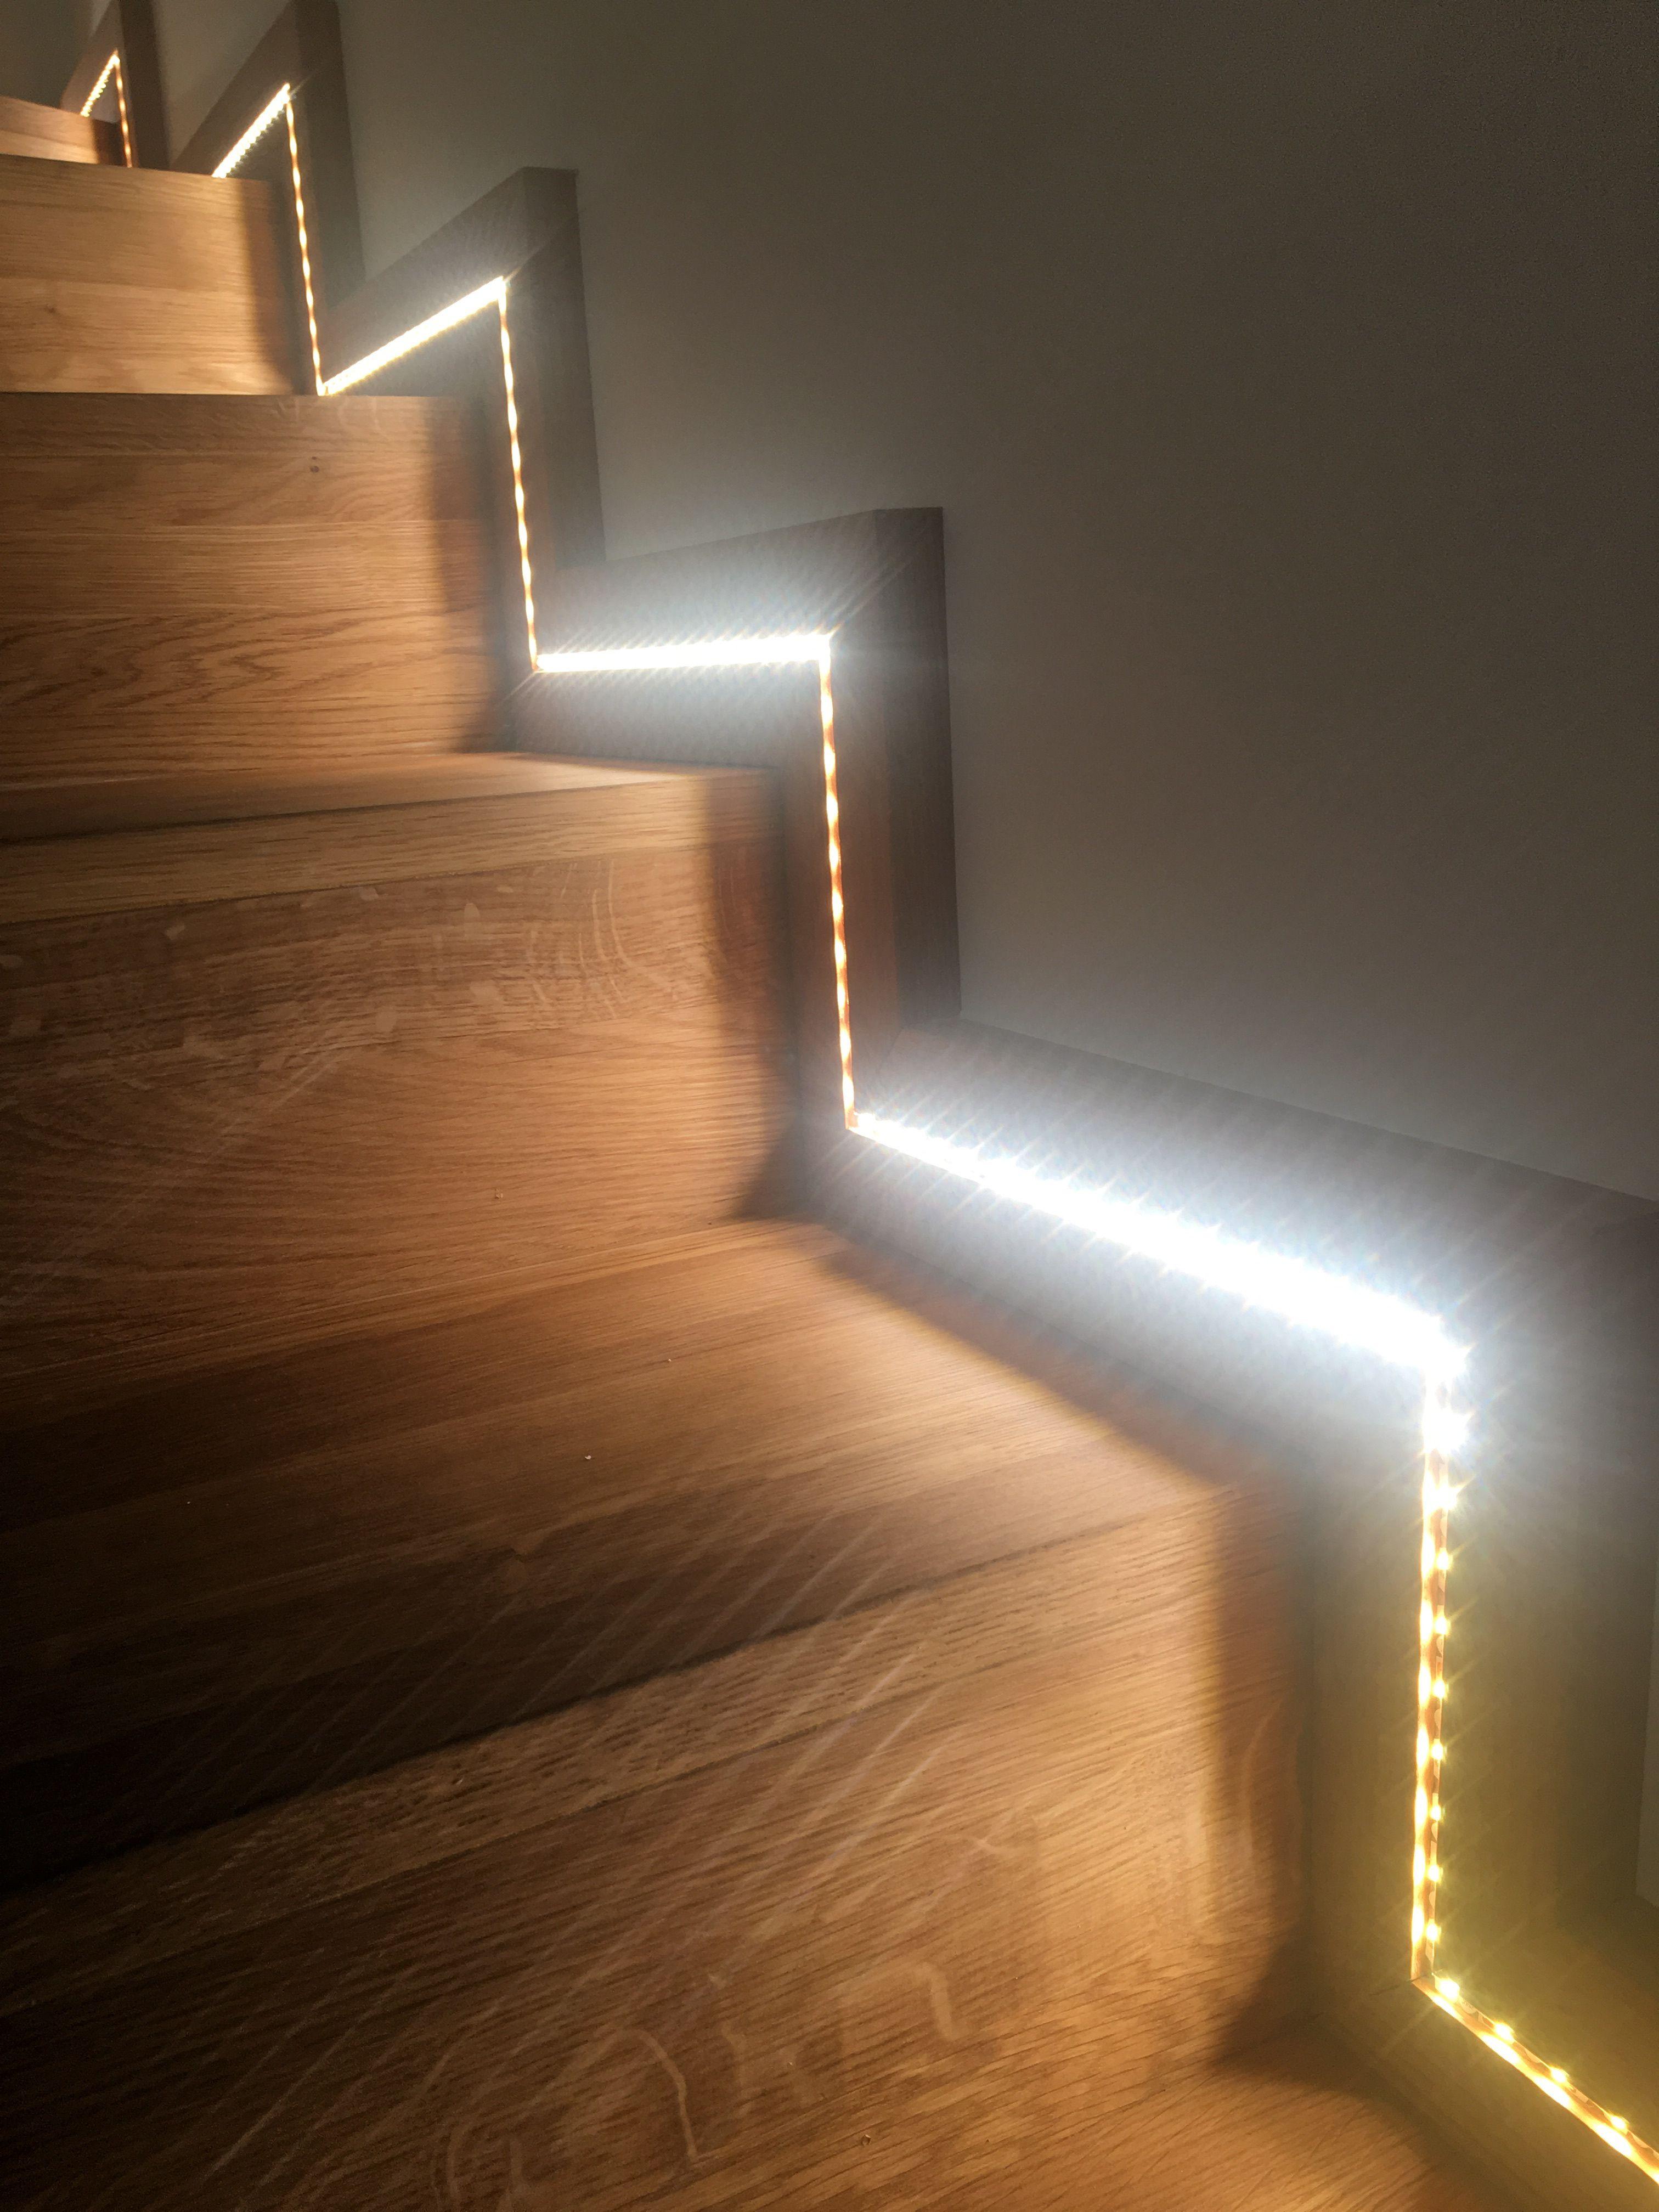 Ruban Led Pour Eclairage Principal eclairage d'un escalier avec ruban led (avec images) | led